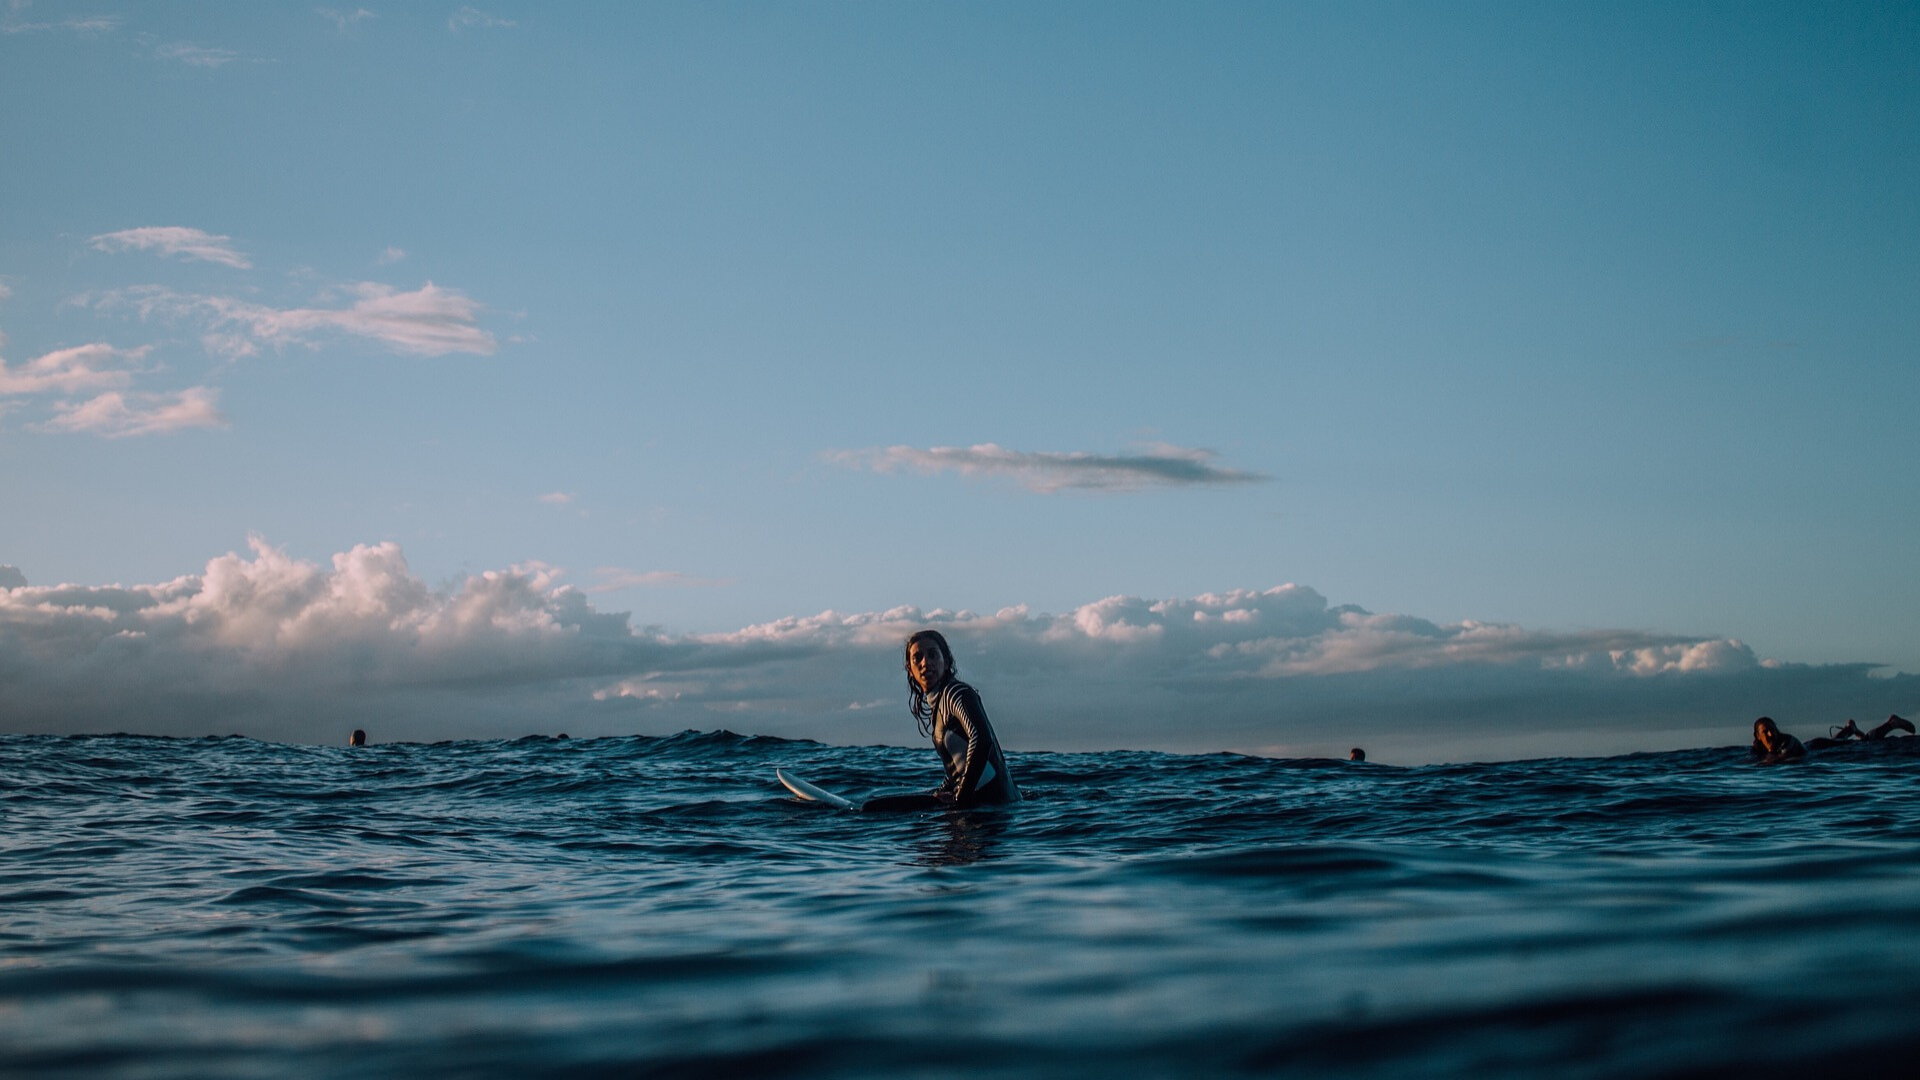 Entspannt surfen in der Surf Session